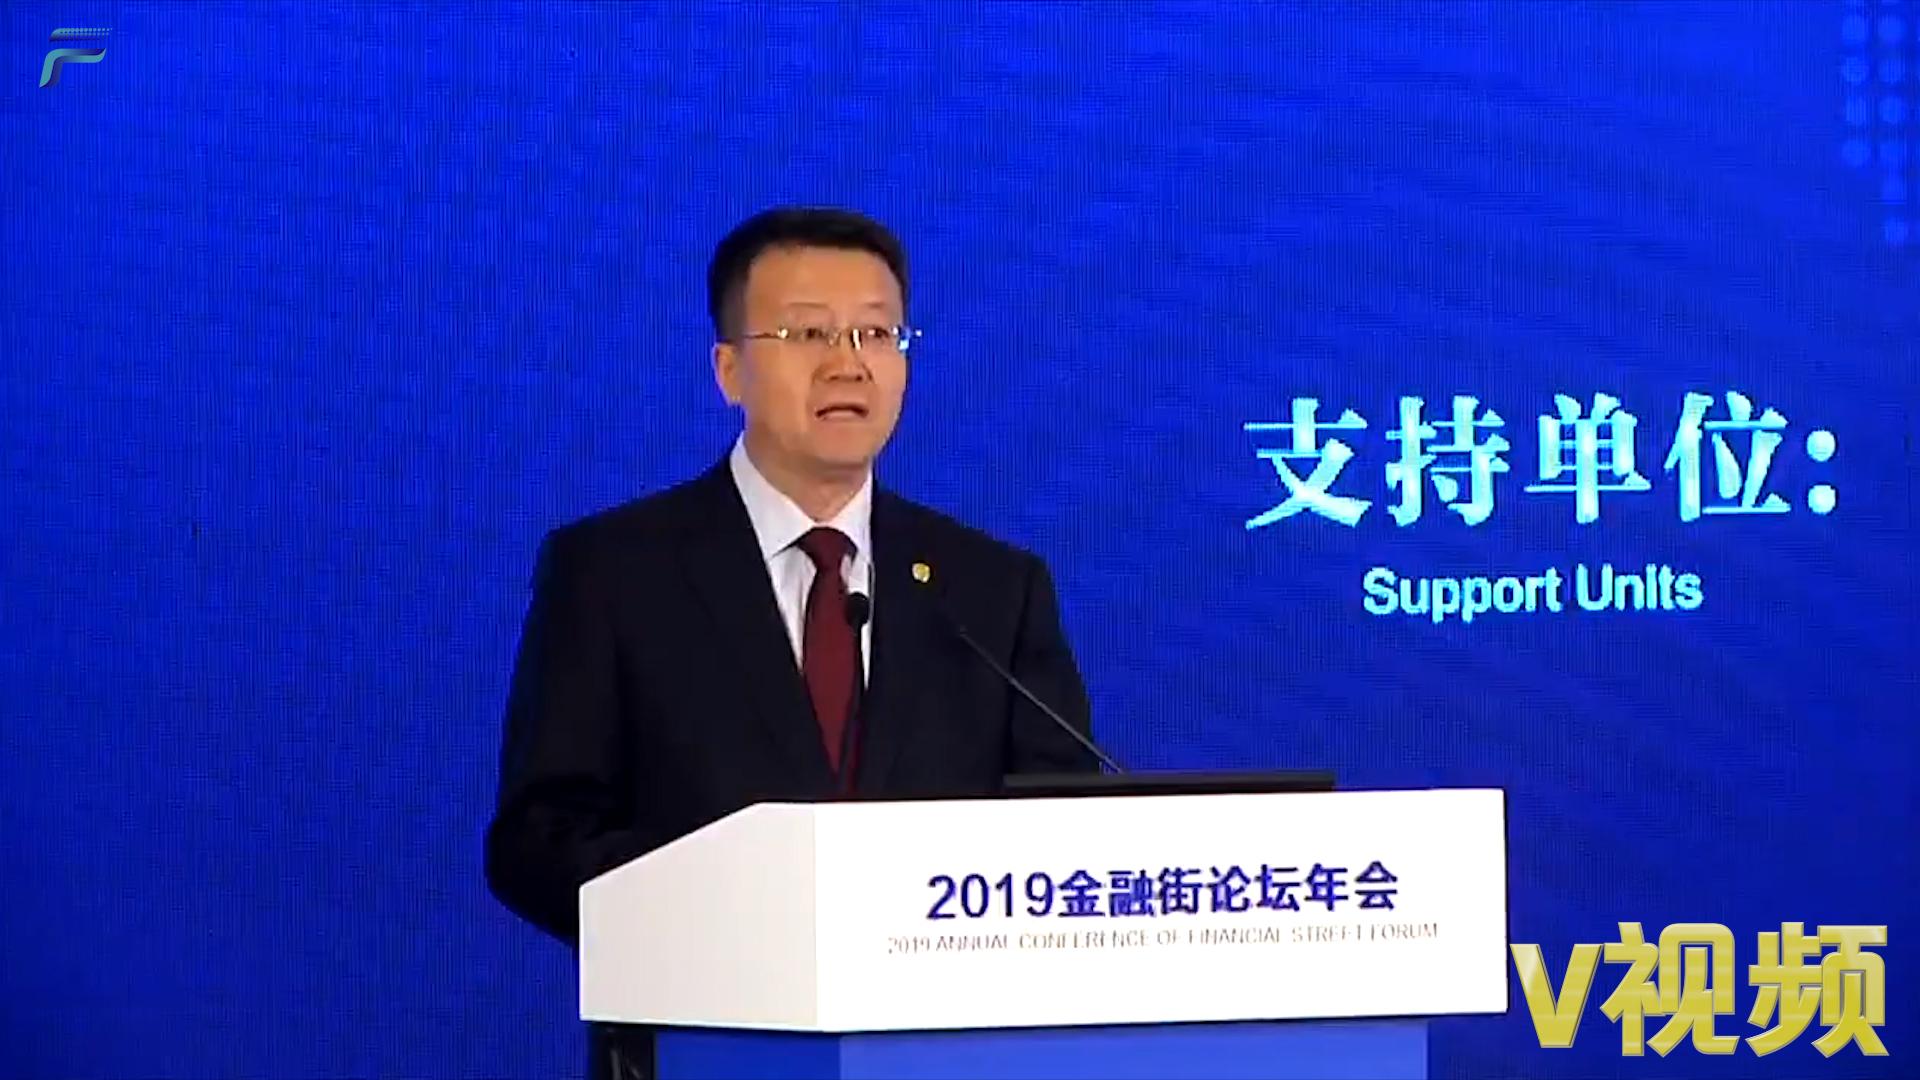 王乃祥:防范化解风险是金融企业根本任务